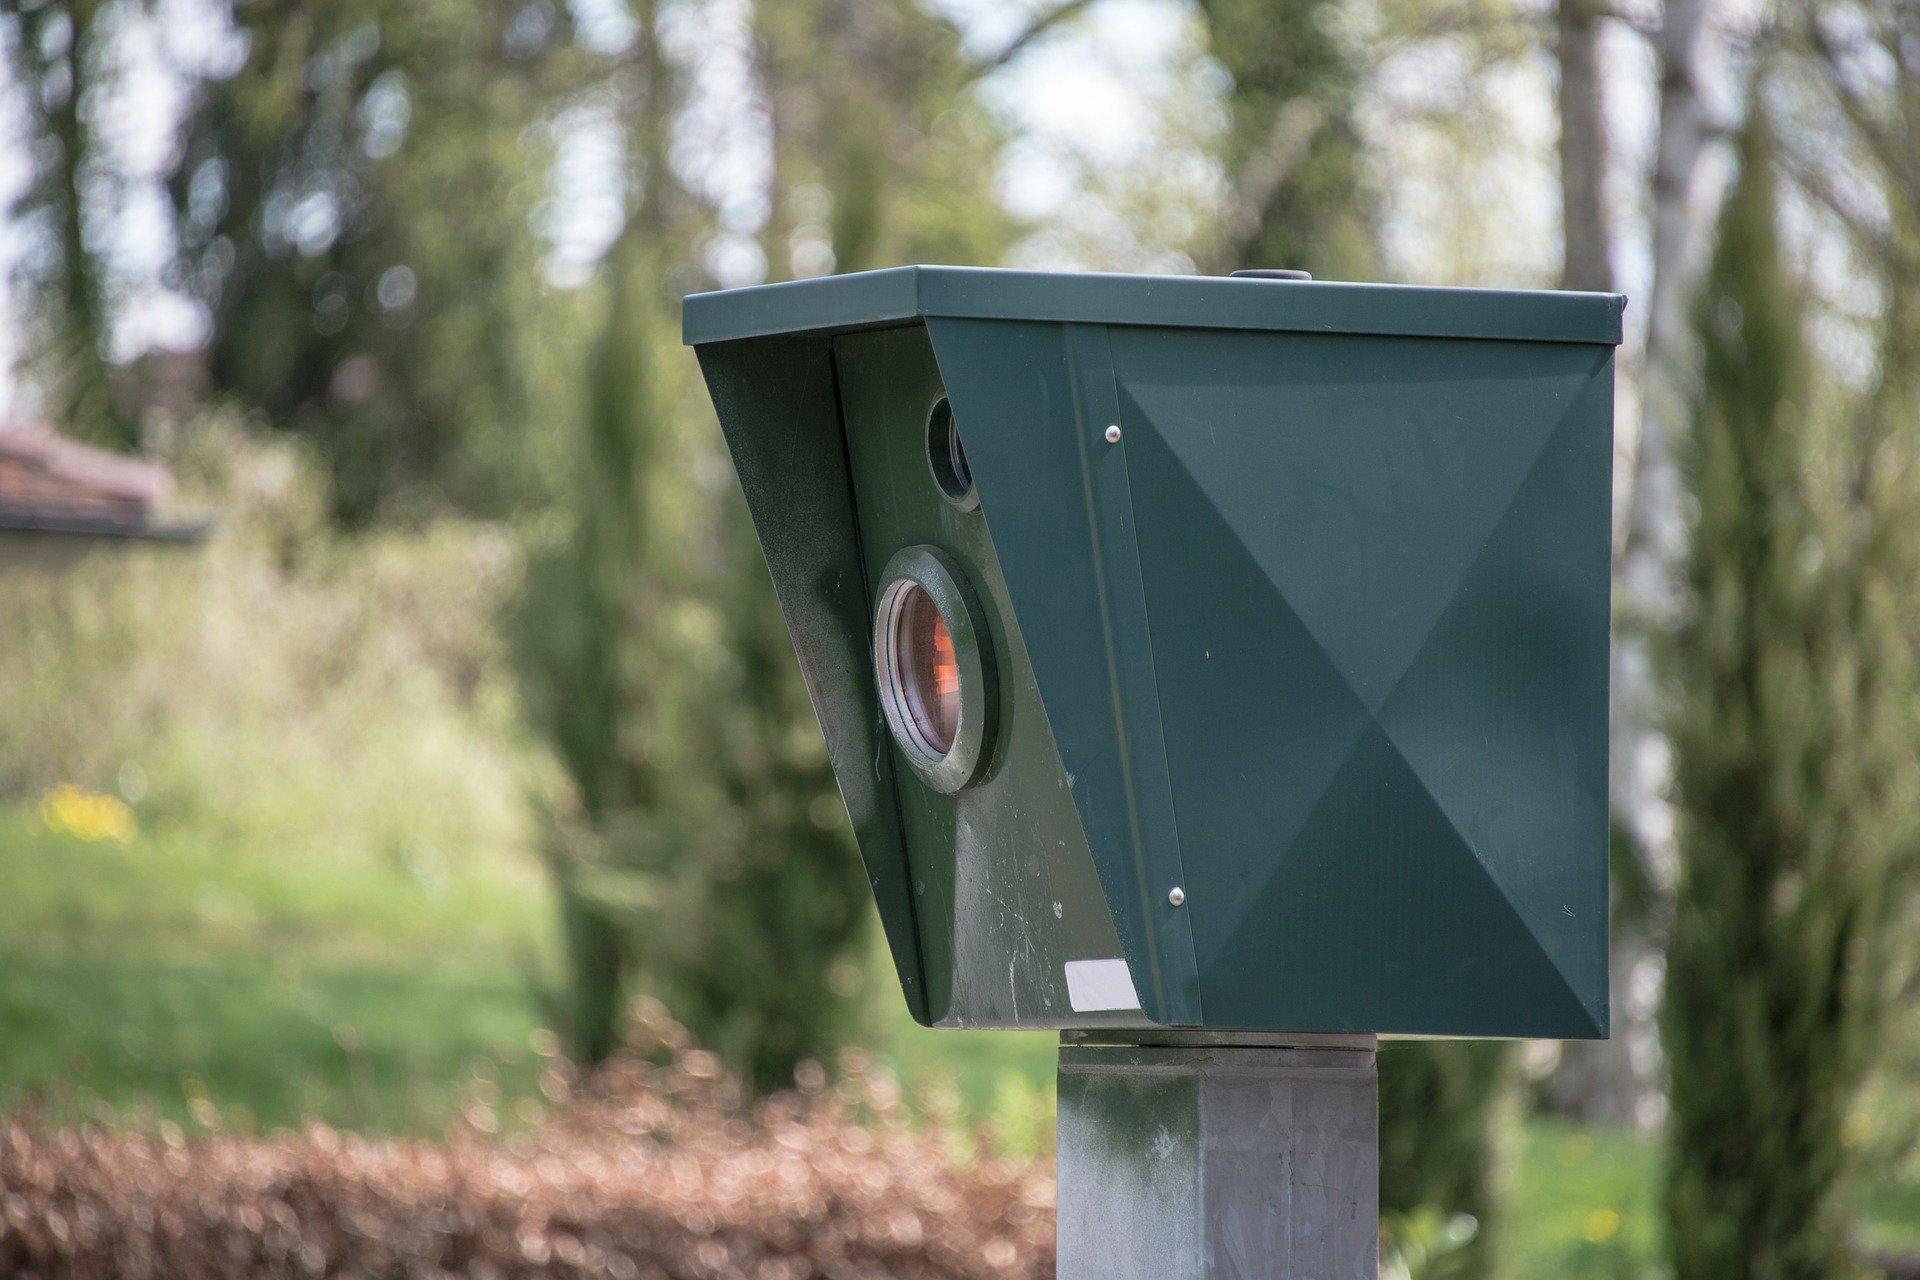 Die Verwendung von Radar- und/oder Laserwarnern im Straßenverkehr möglich oder Straftat?